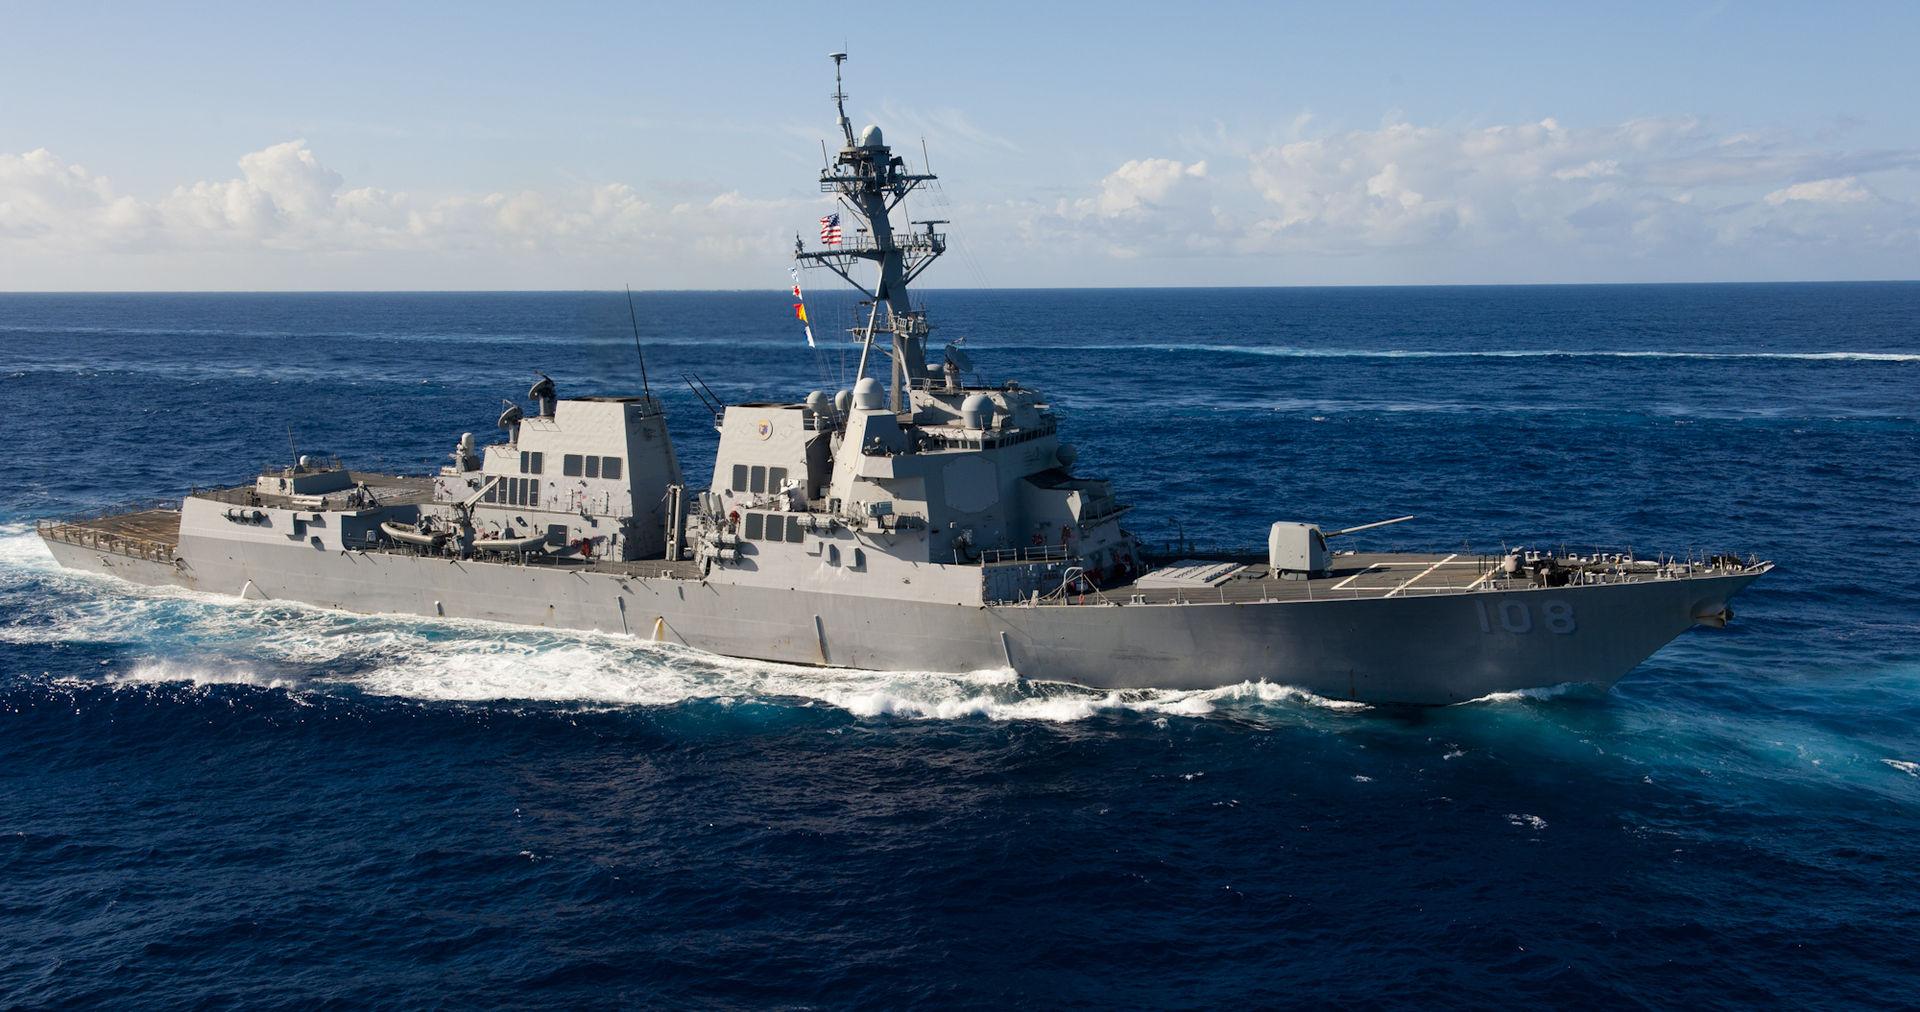 美军称其驱逐舰进入中国南海永暑礁和美济礁12海里